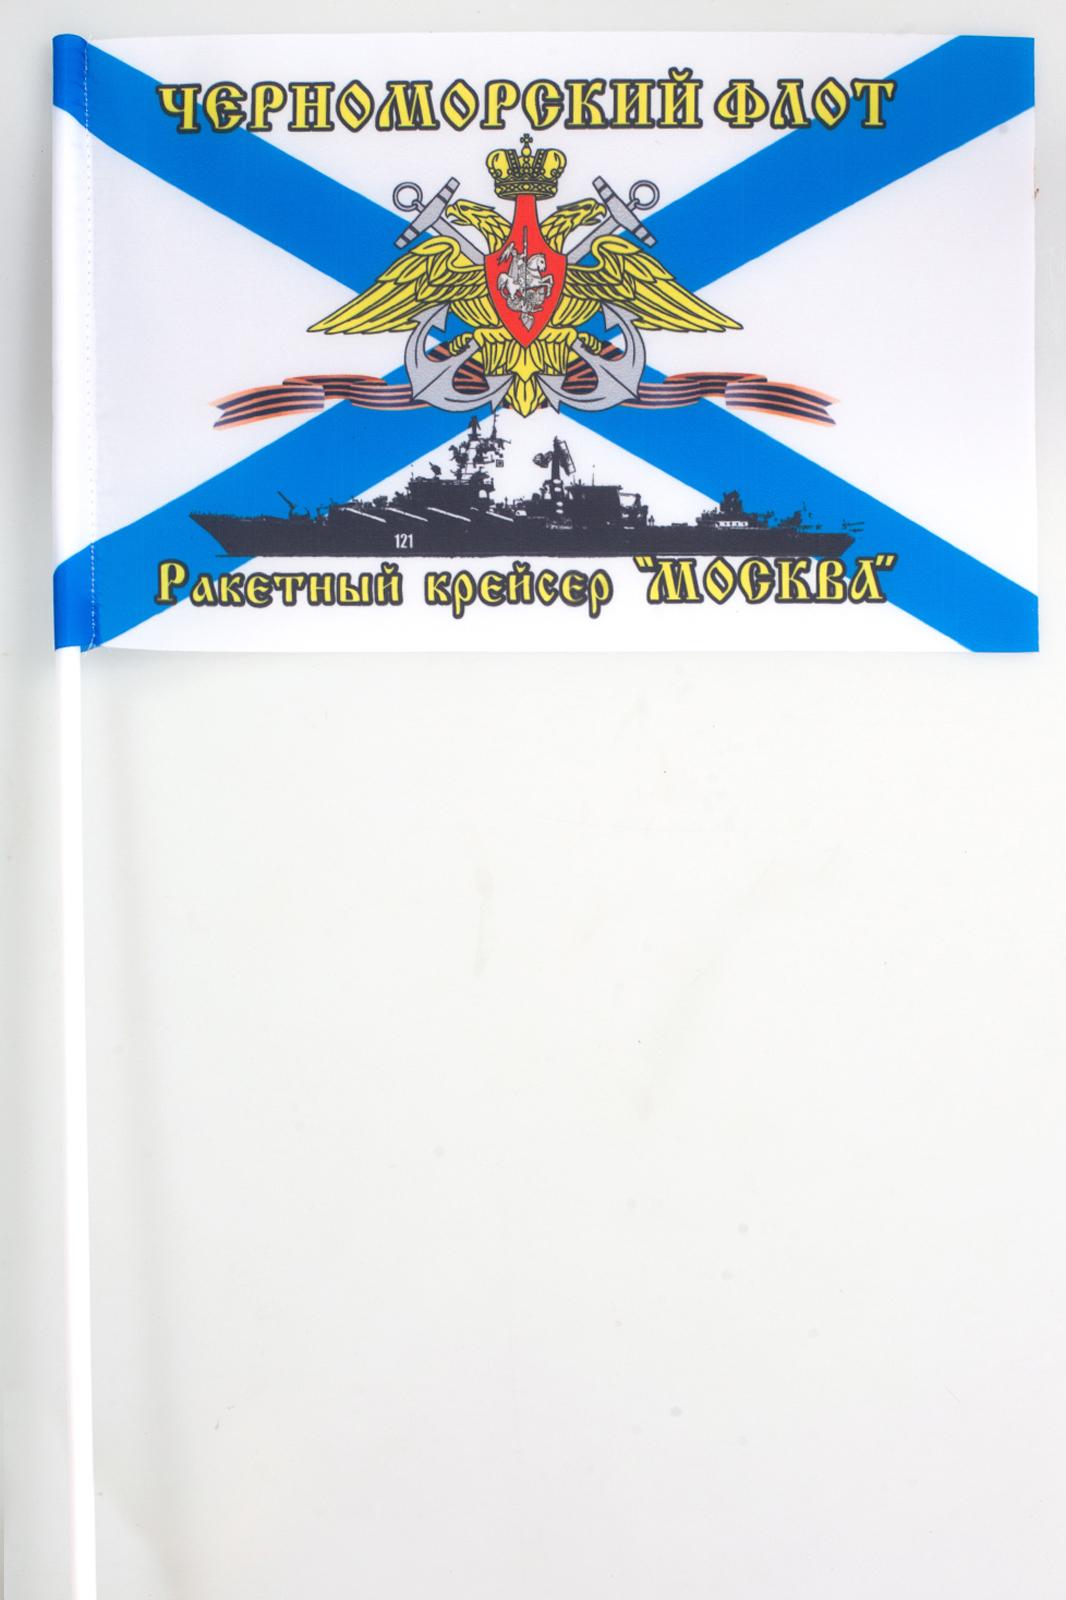 Купить флажок на палочке Ракетный крейсер «Москва»